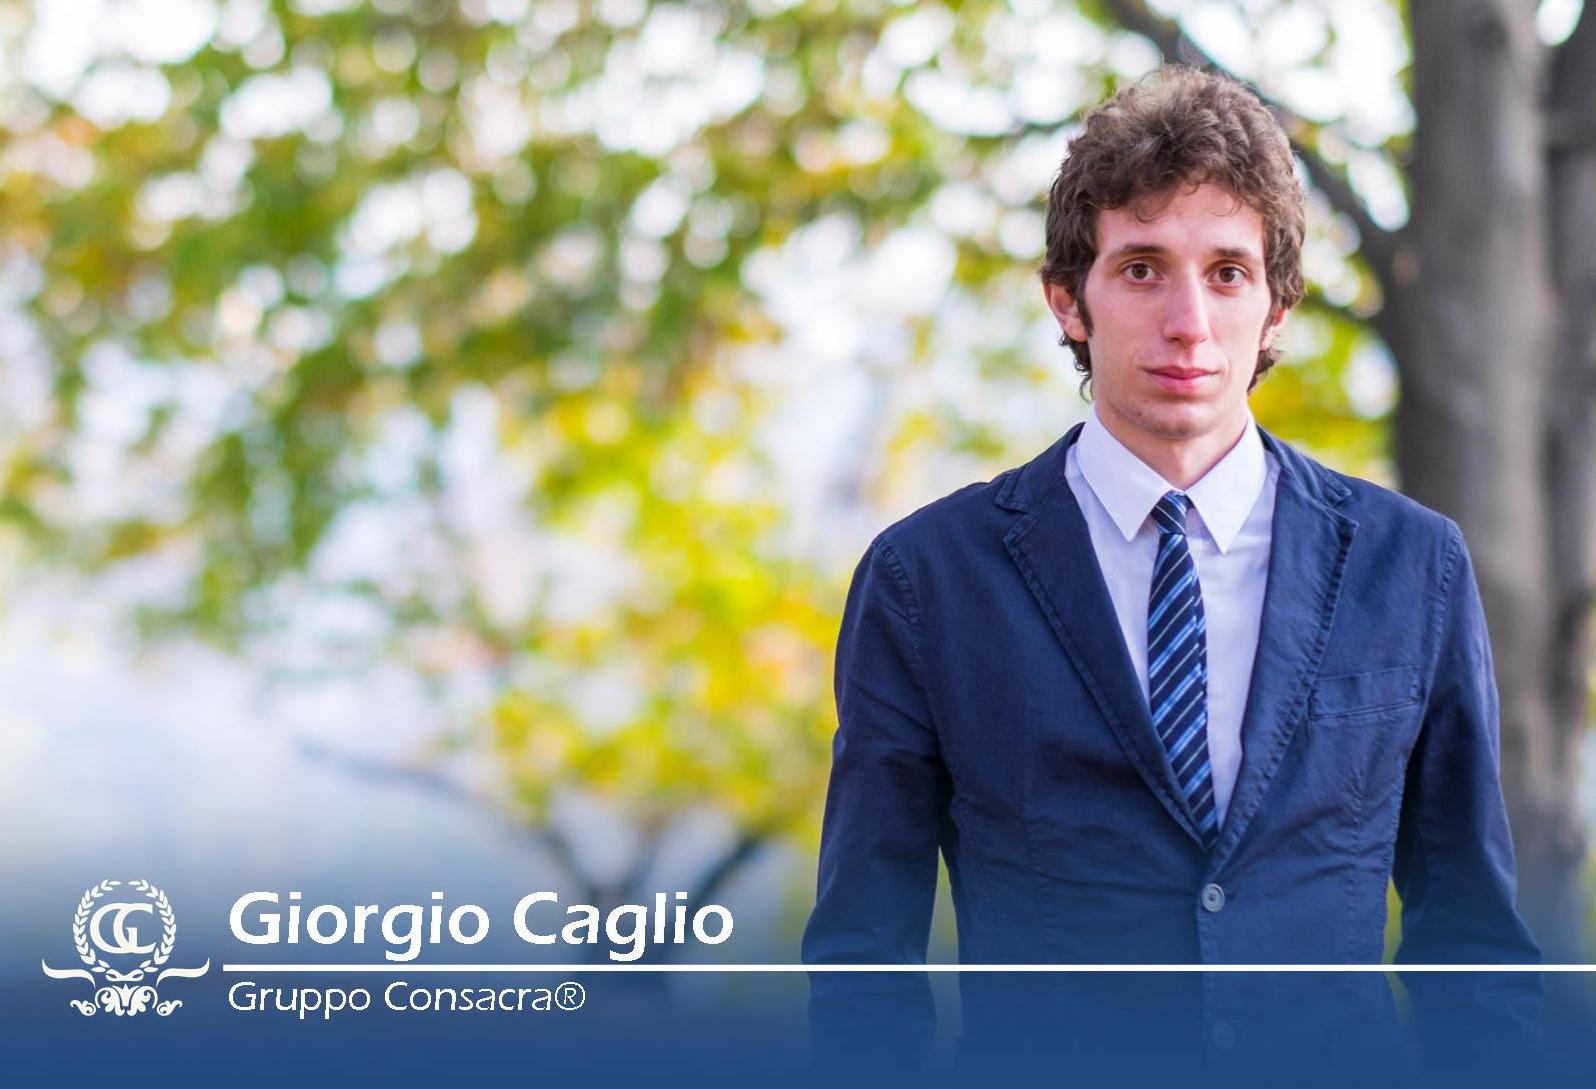 Giorgio Caglio - Gruppo Consacra